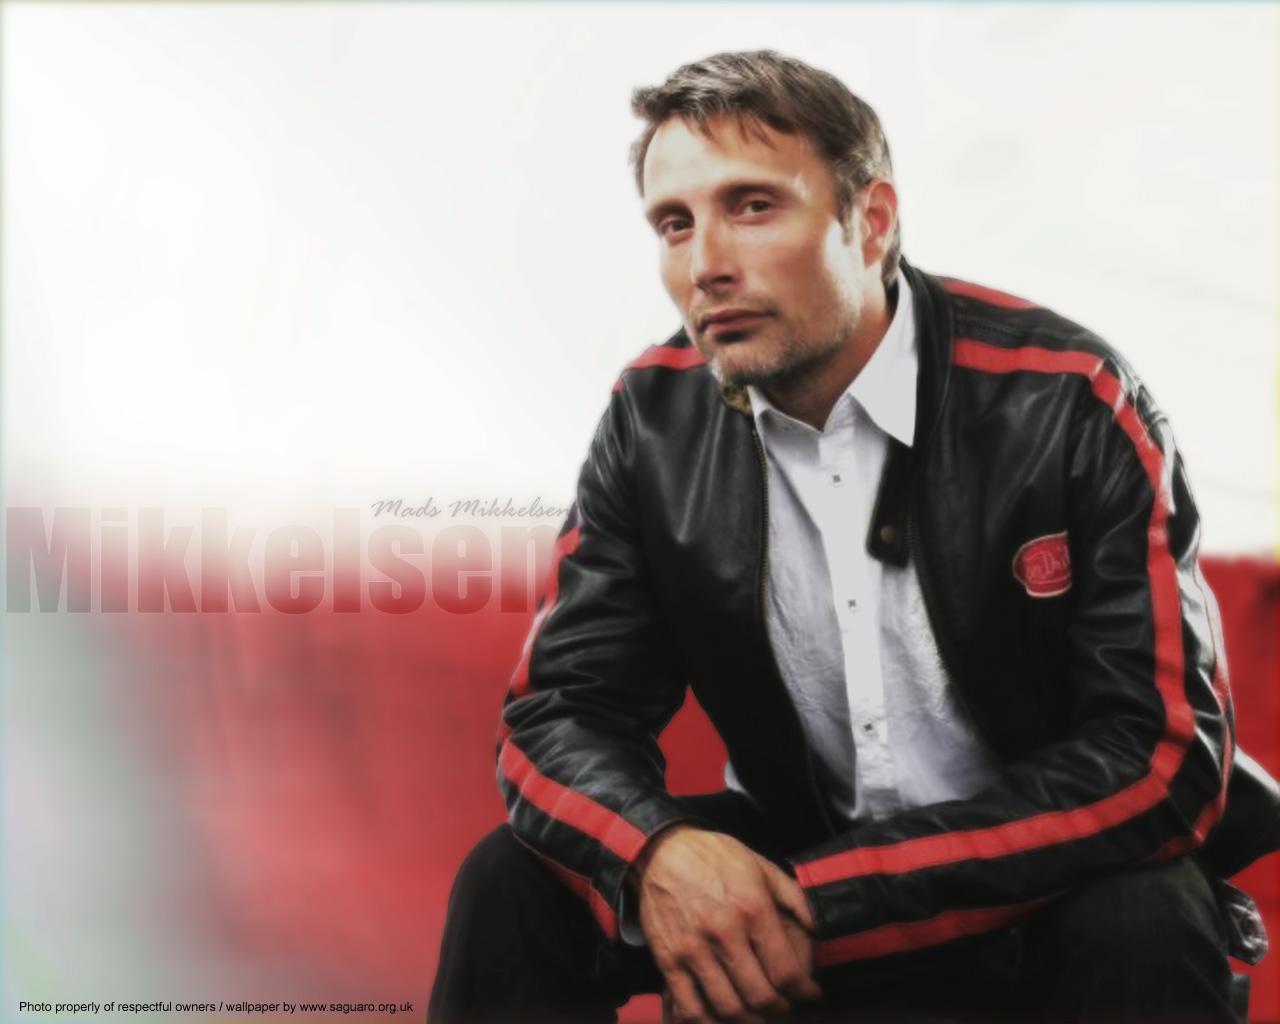 Mads Mikkelsen [Actor]